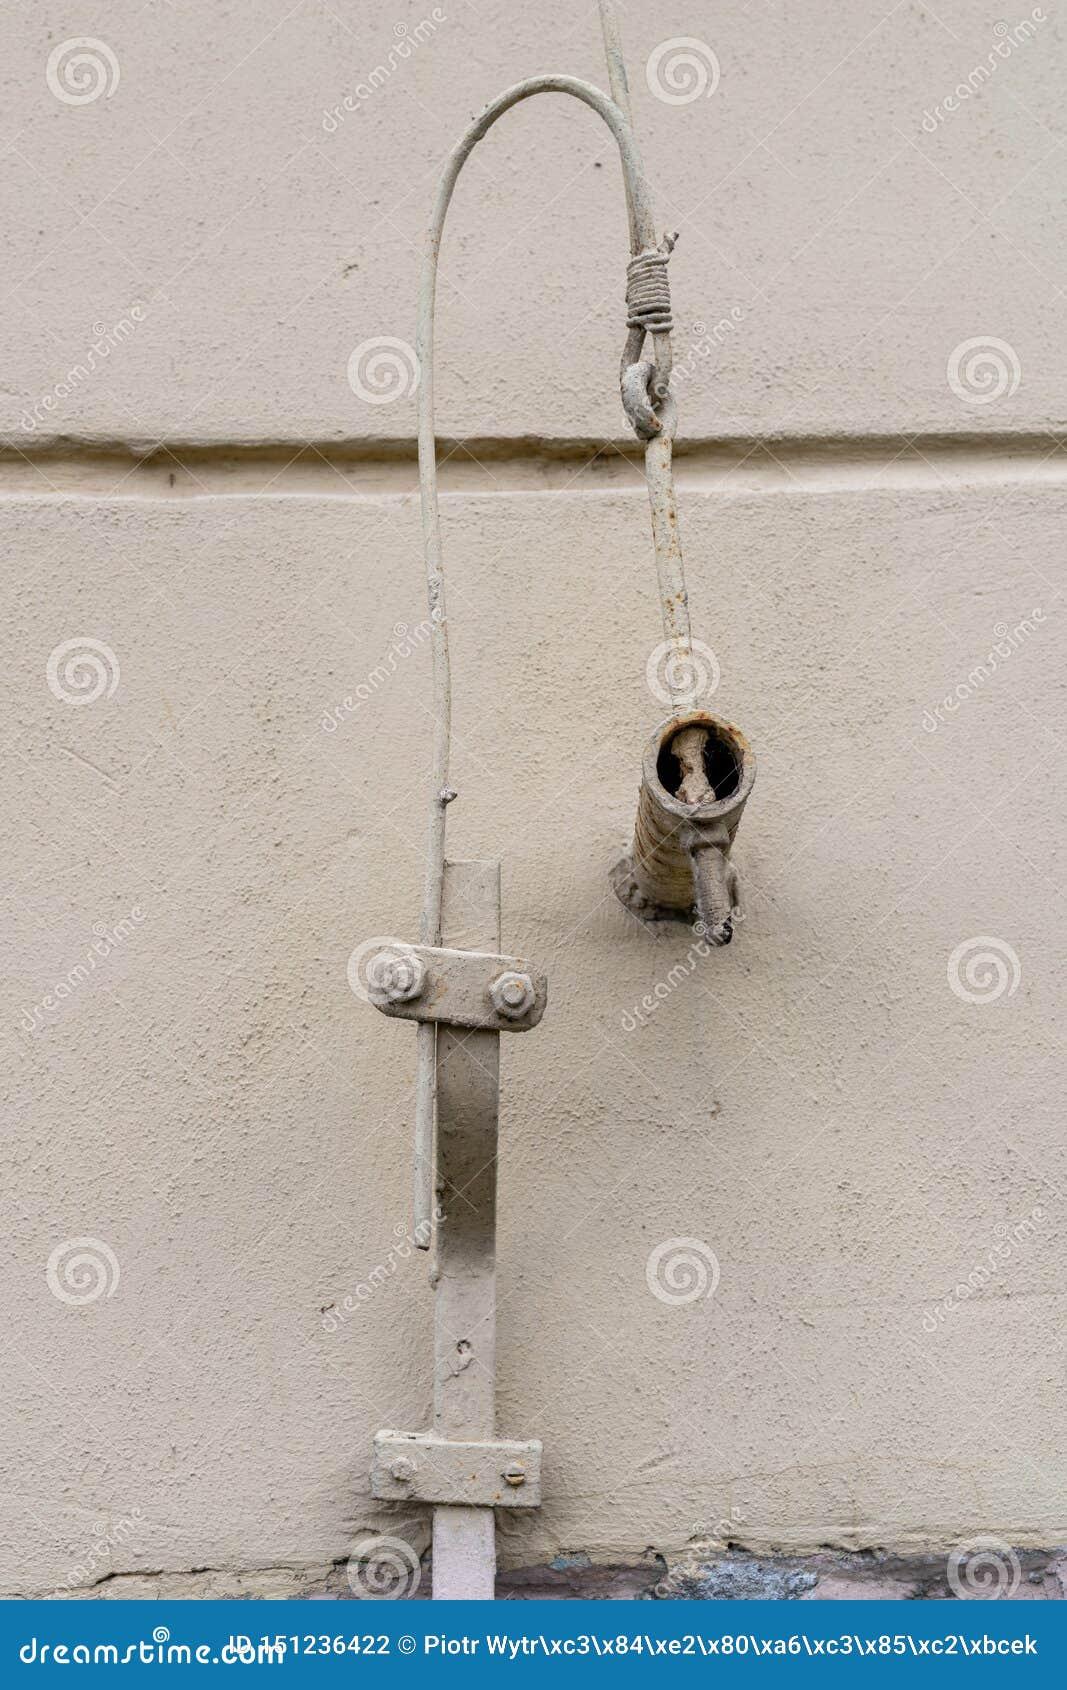 Oude bliksembescherming in een losgemaakt huis De kabels van de bliksembescherming